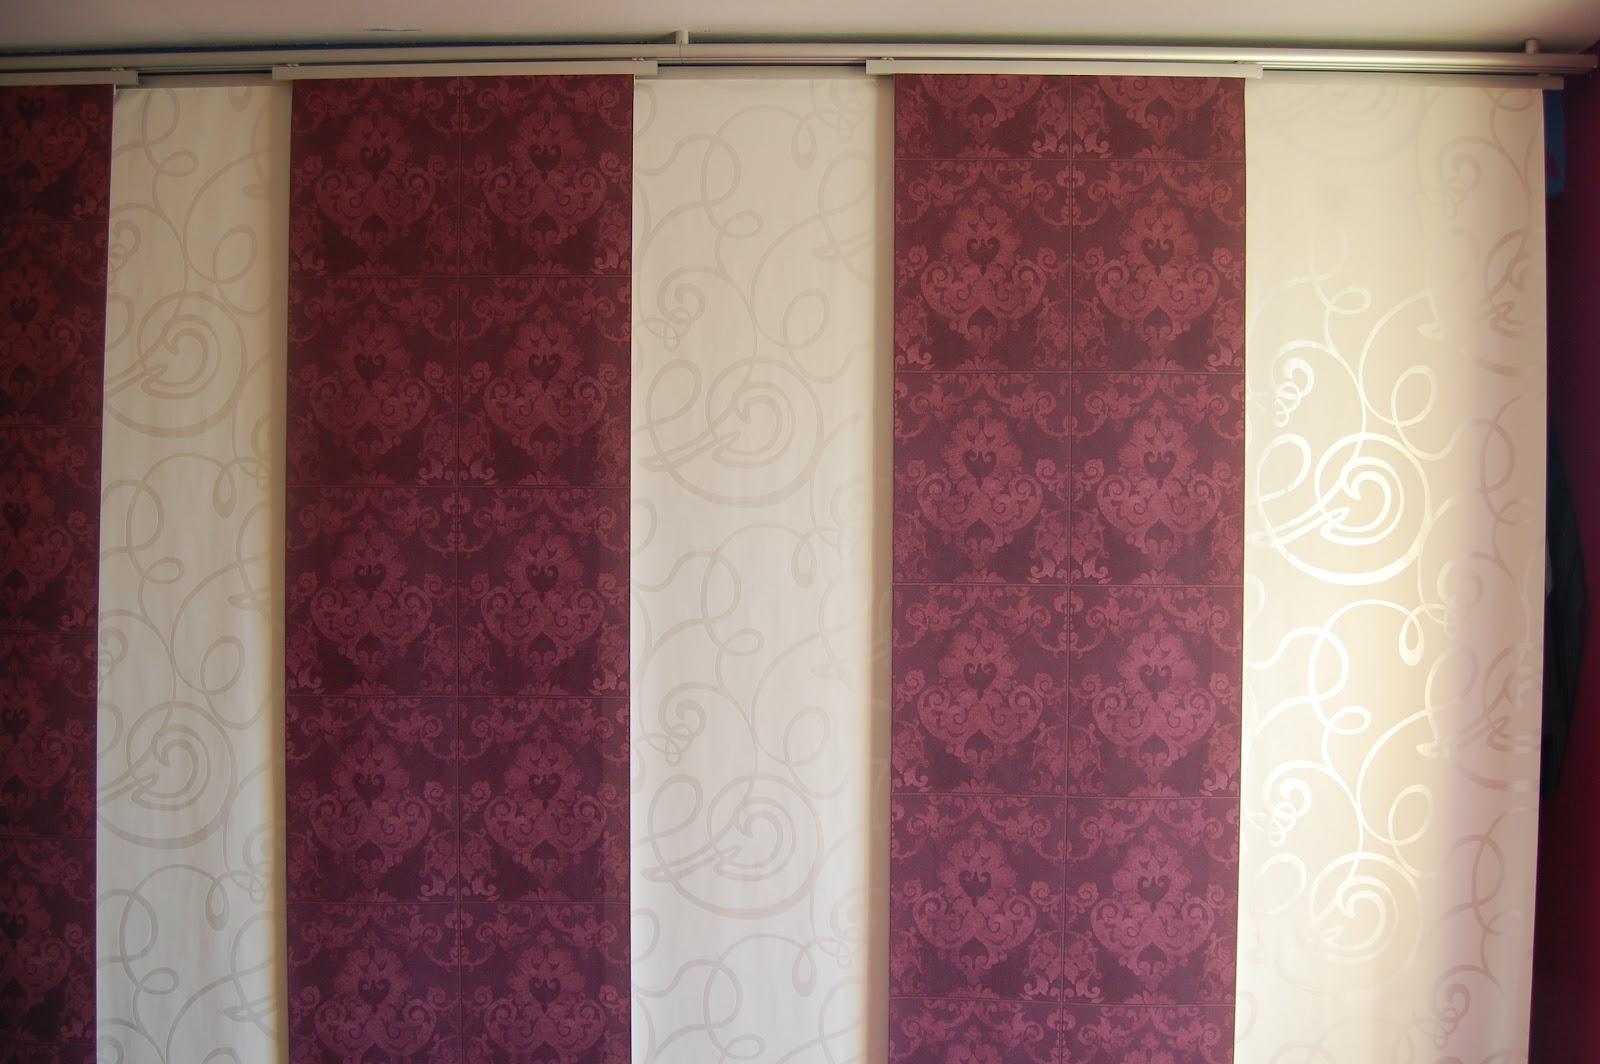 Ikea Aspelund Queen Bed Frame ~ Kleine äume mit ikea kleine wohnungen einrichten, Der ikea katalog